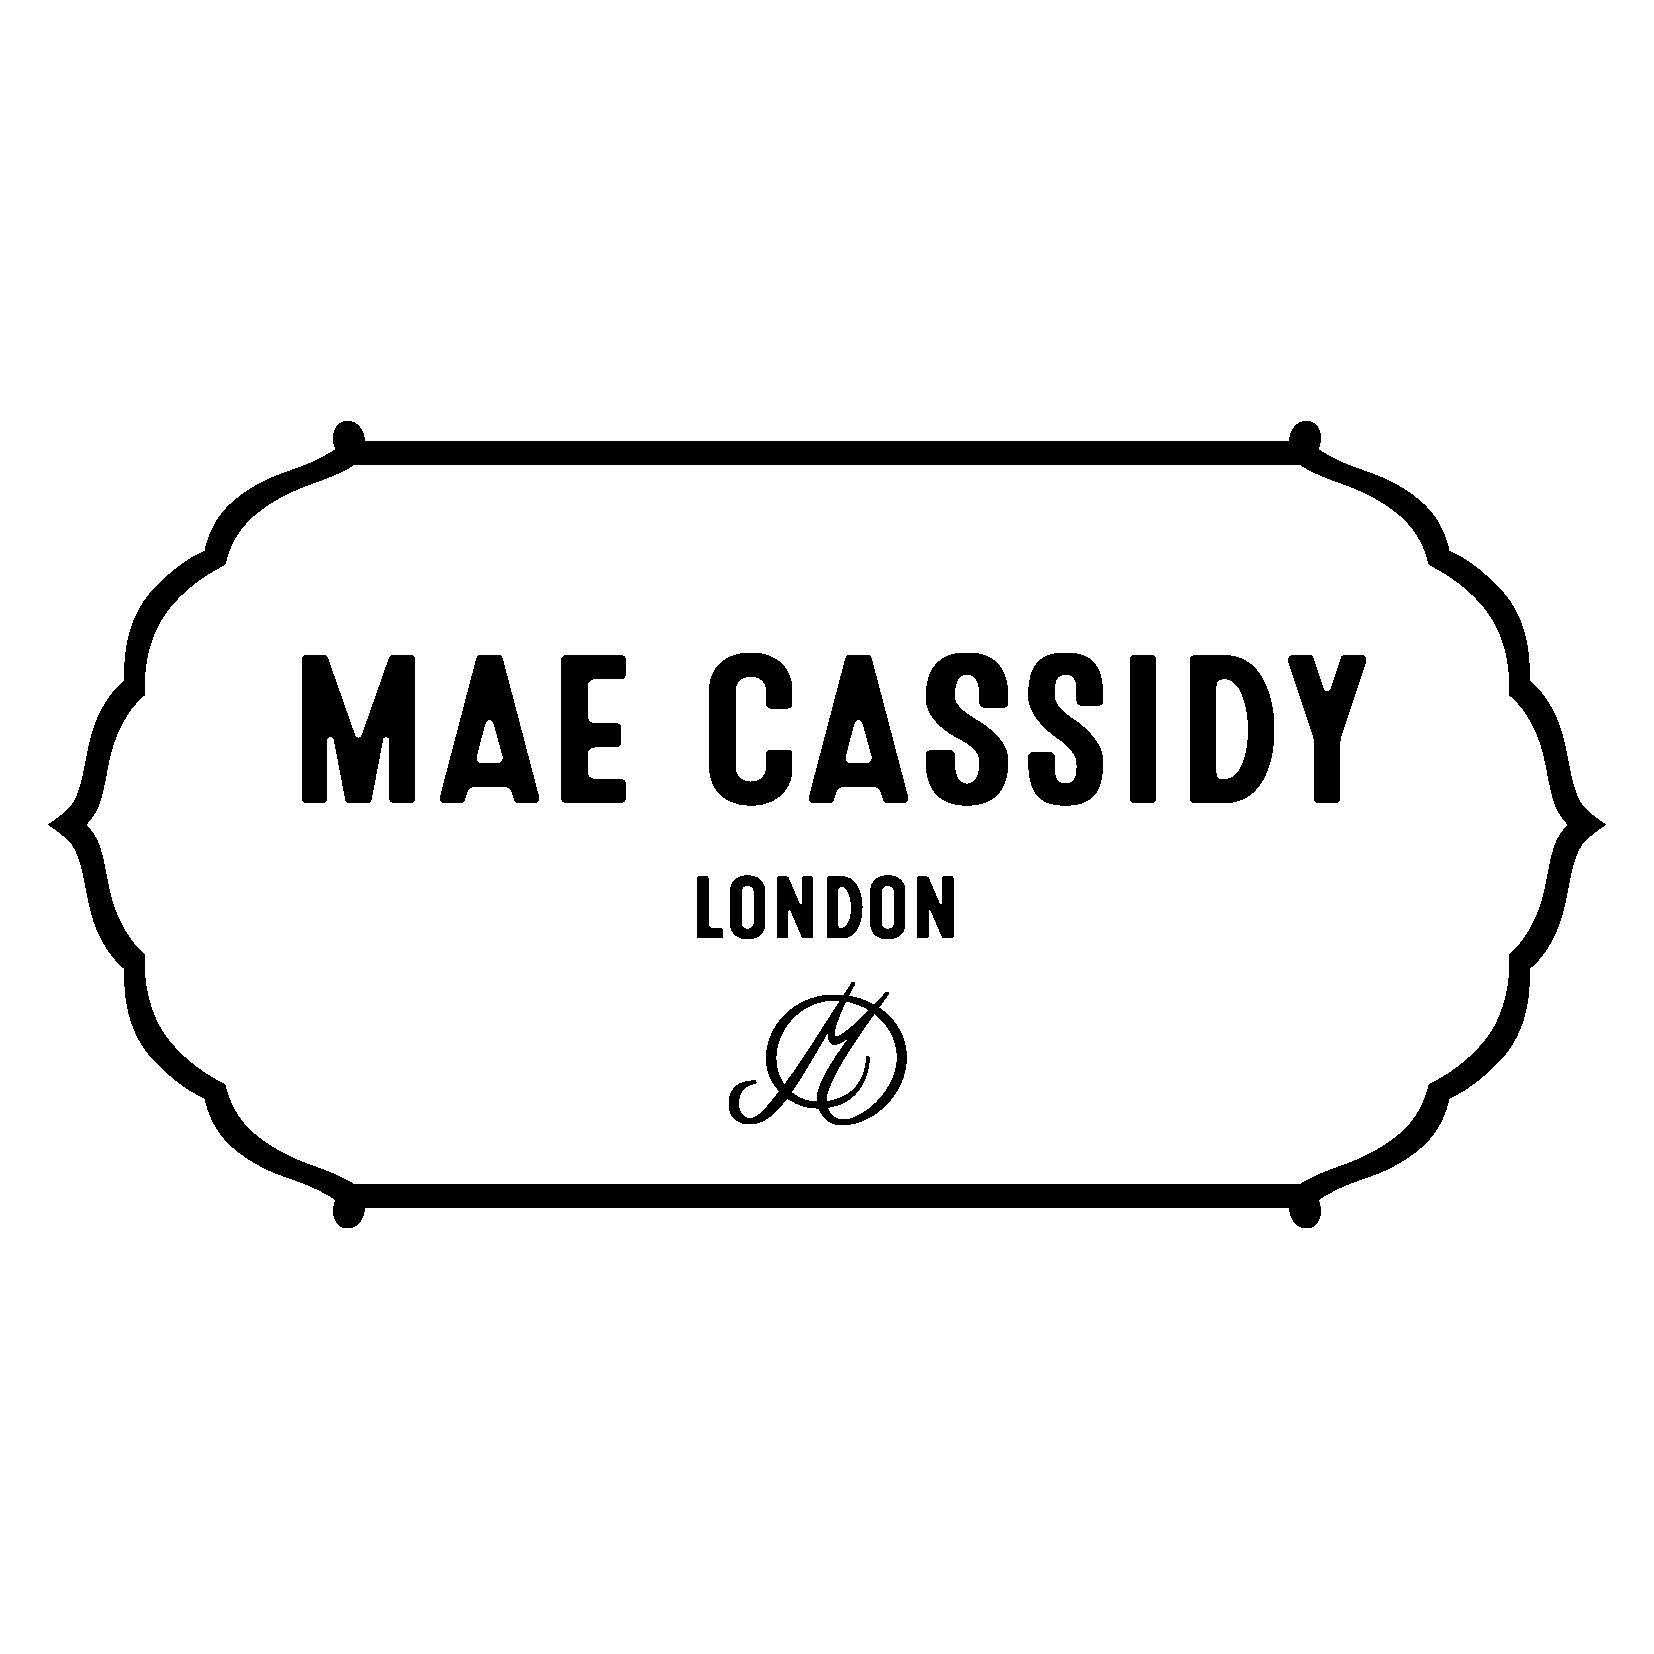 MAE CASSIDY